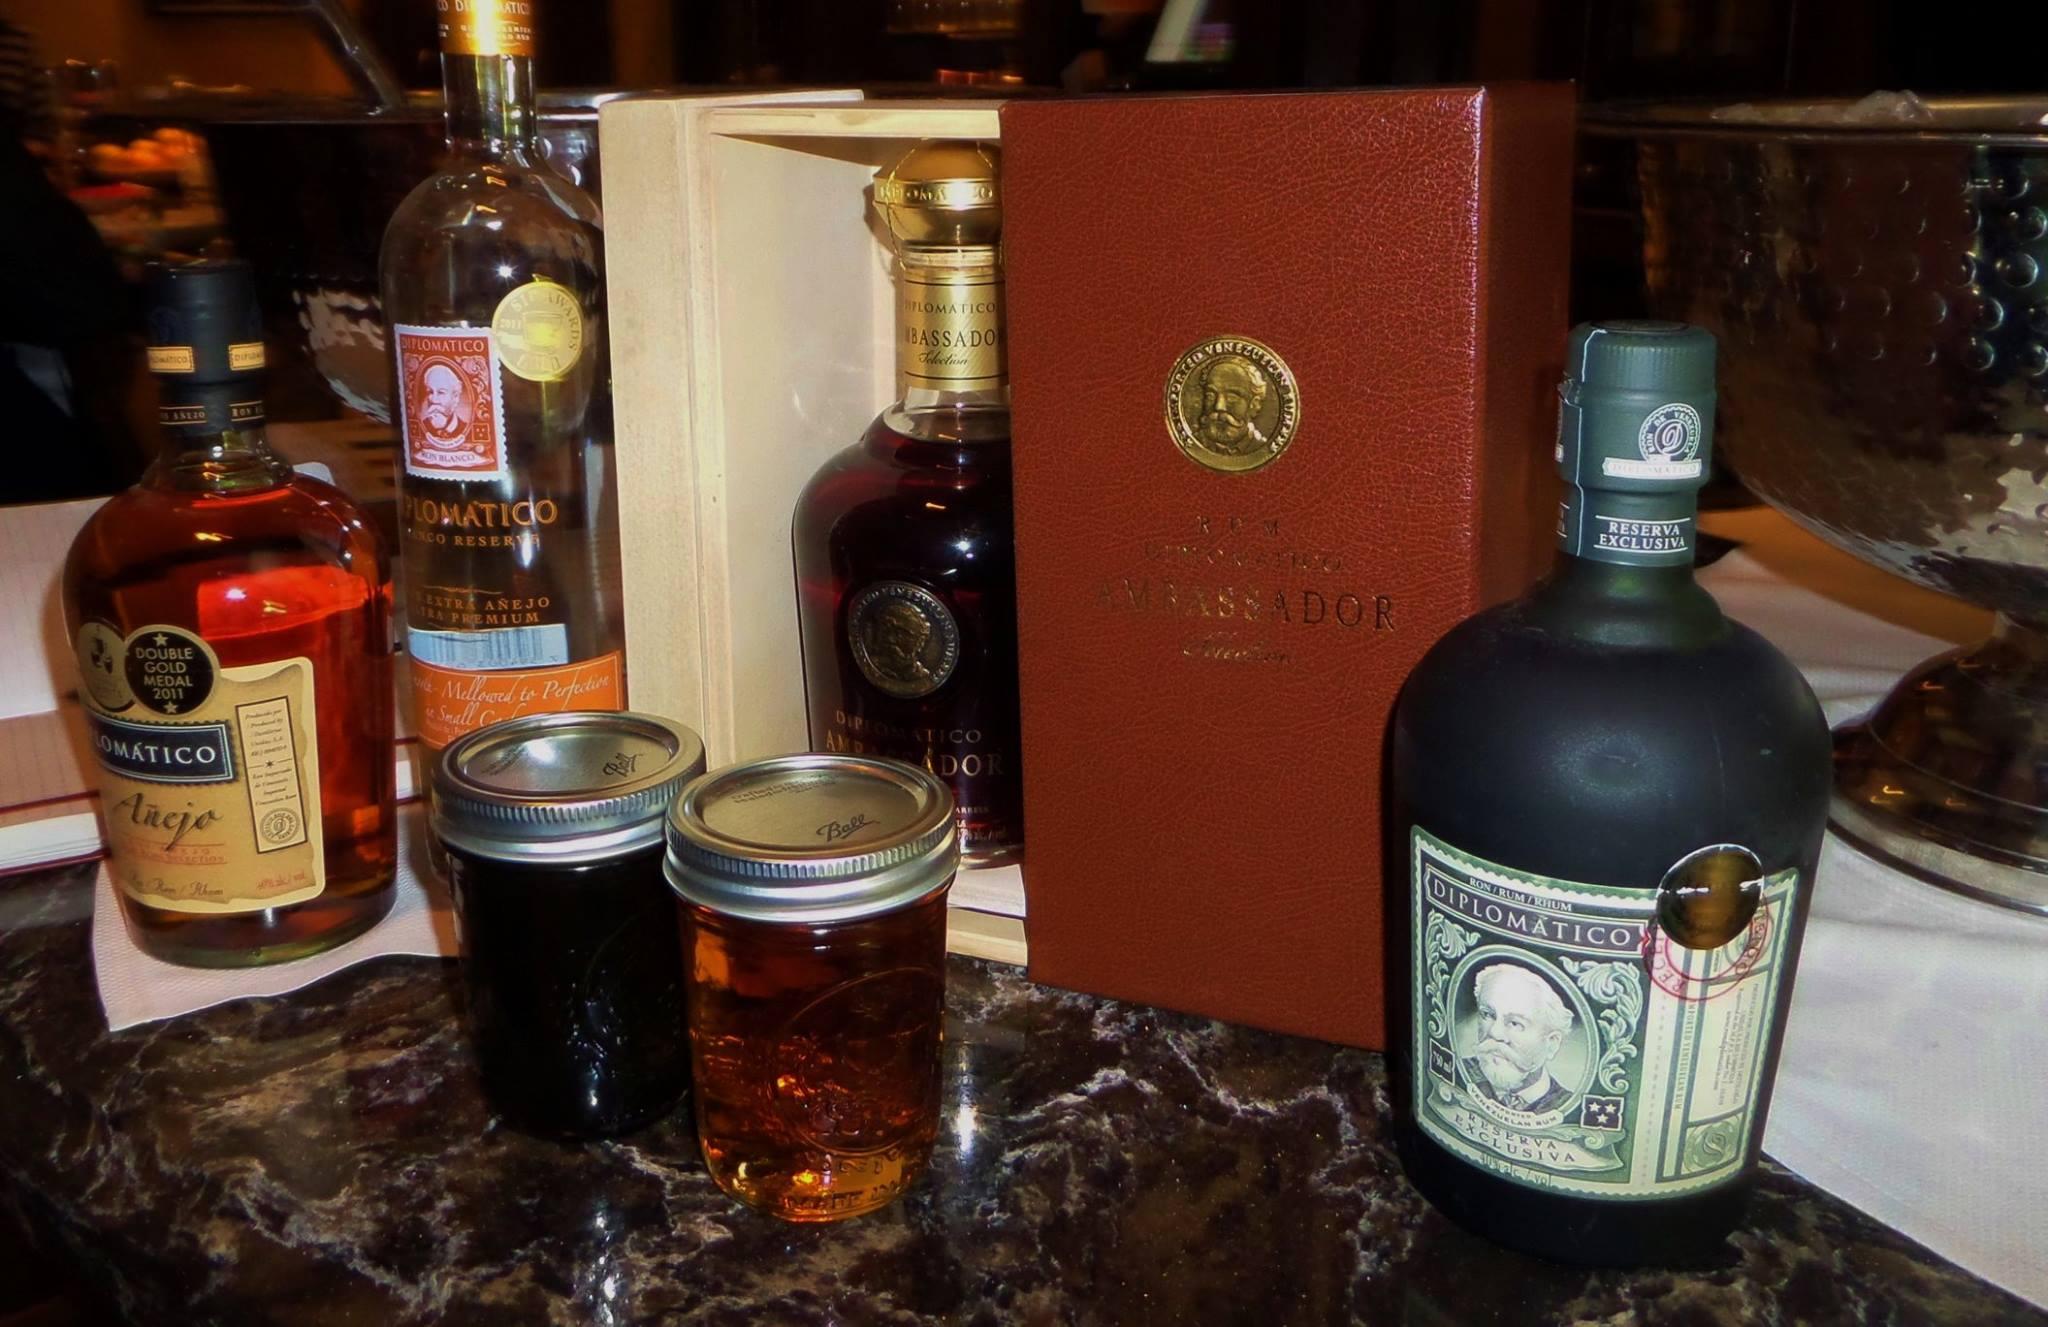 Diplomático Rum Blanco, Añejo, Reserva Exclusiva, and Ambassador